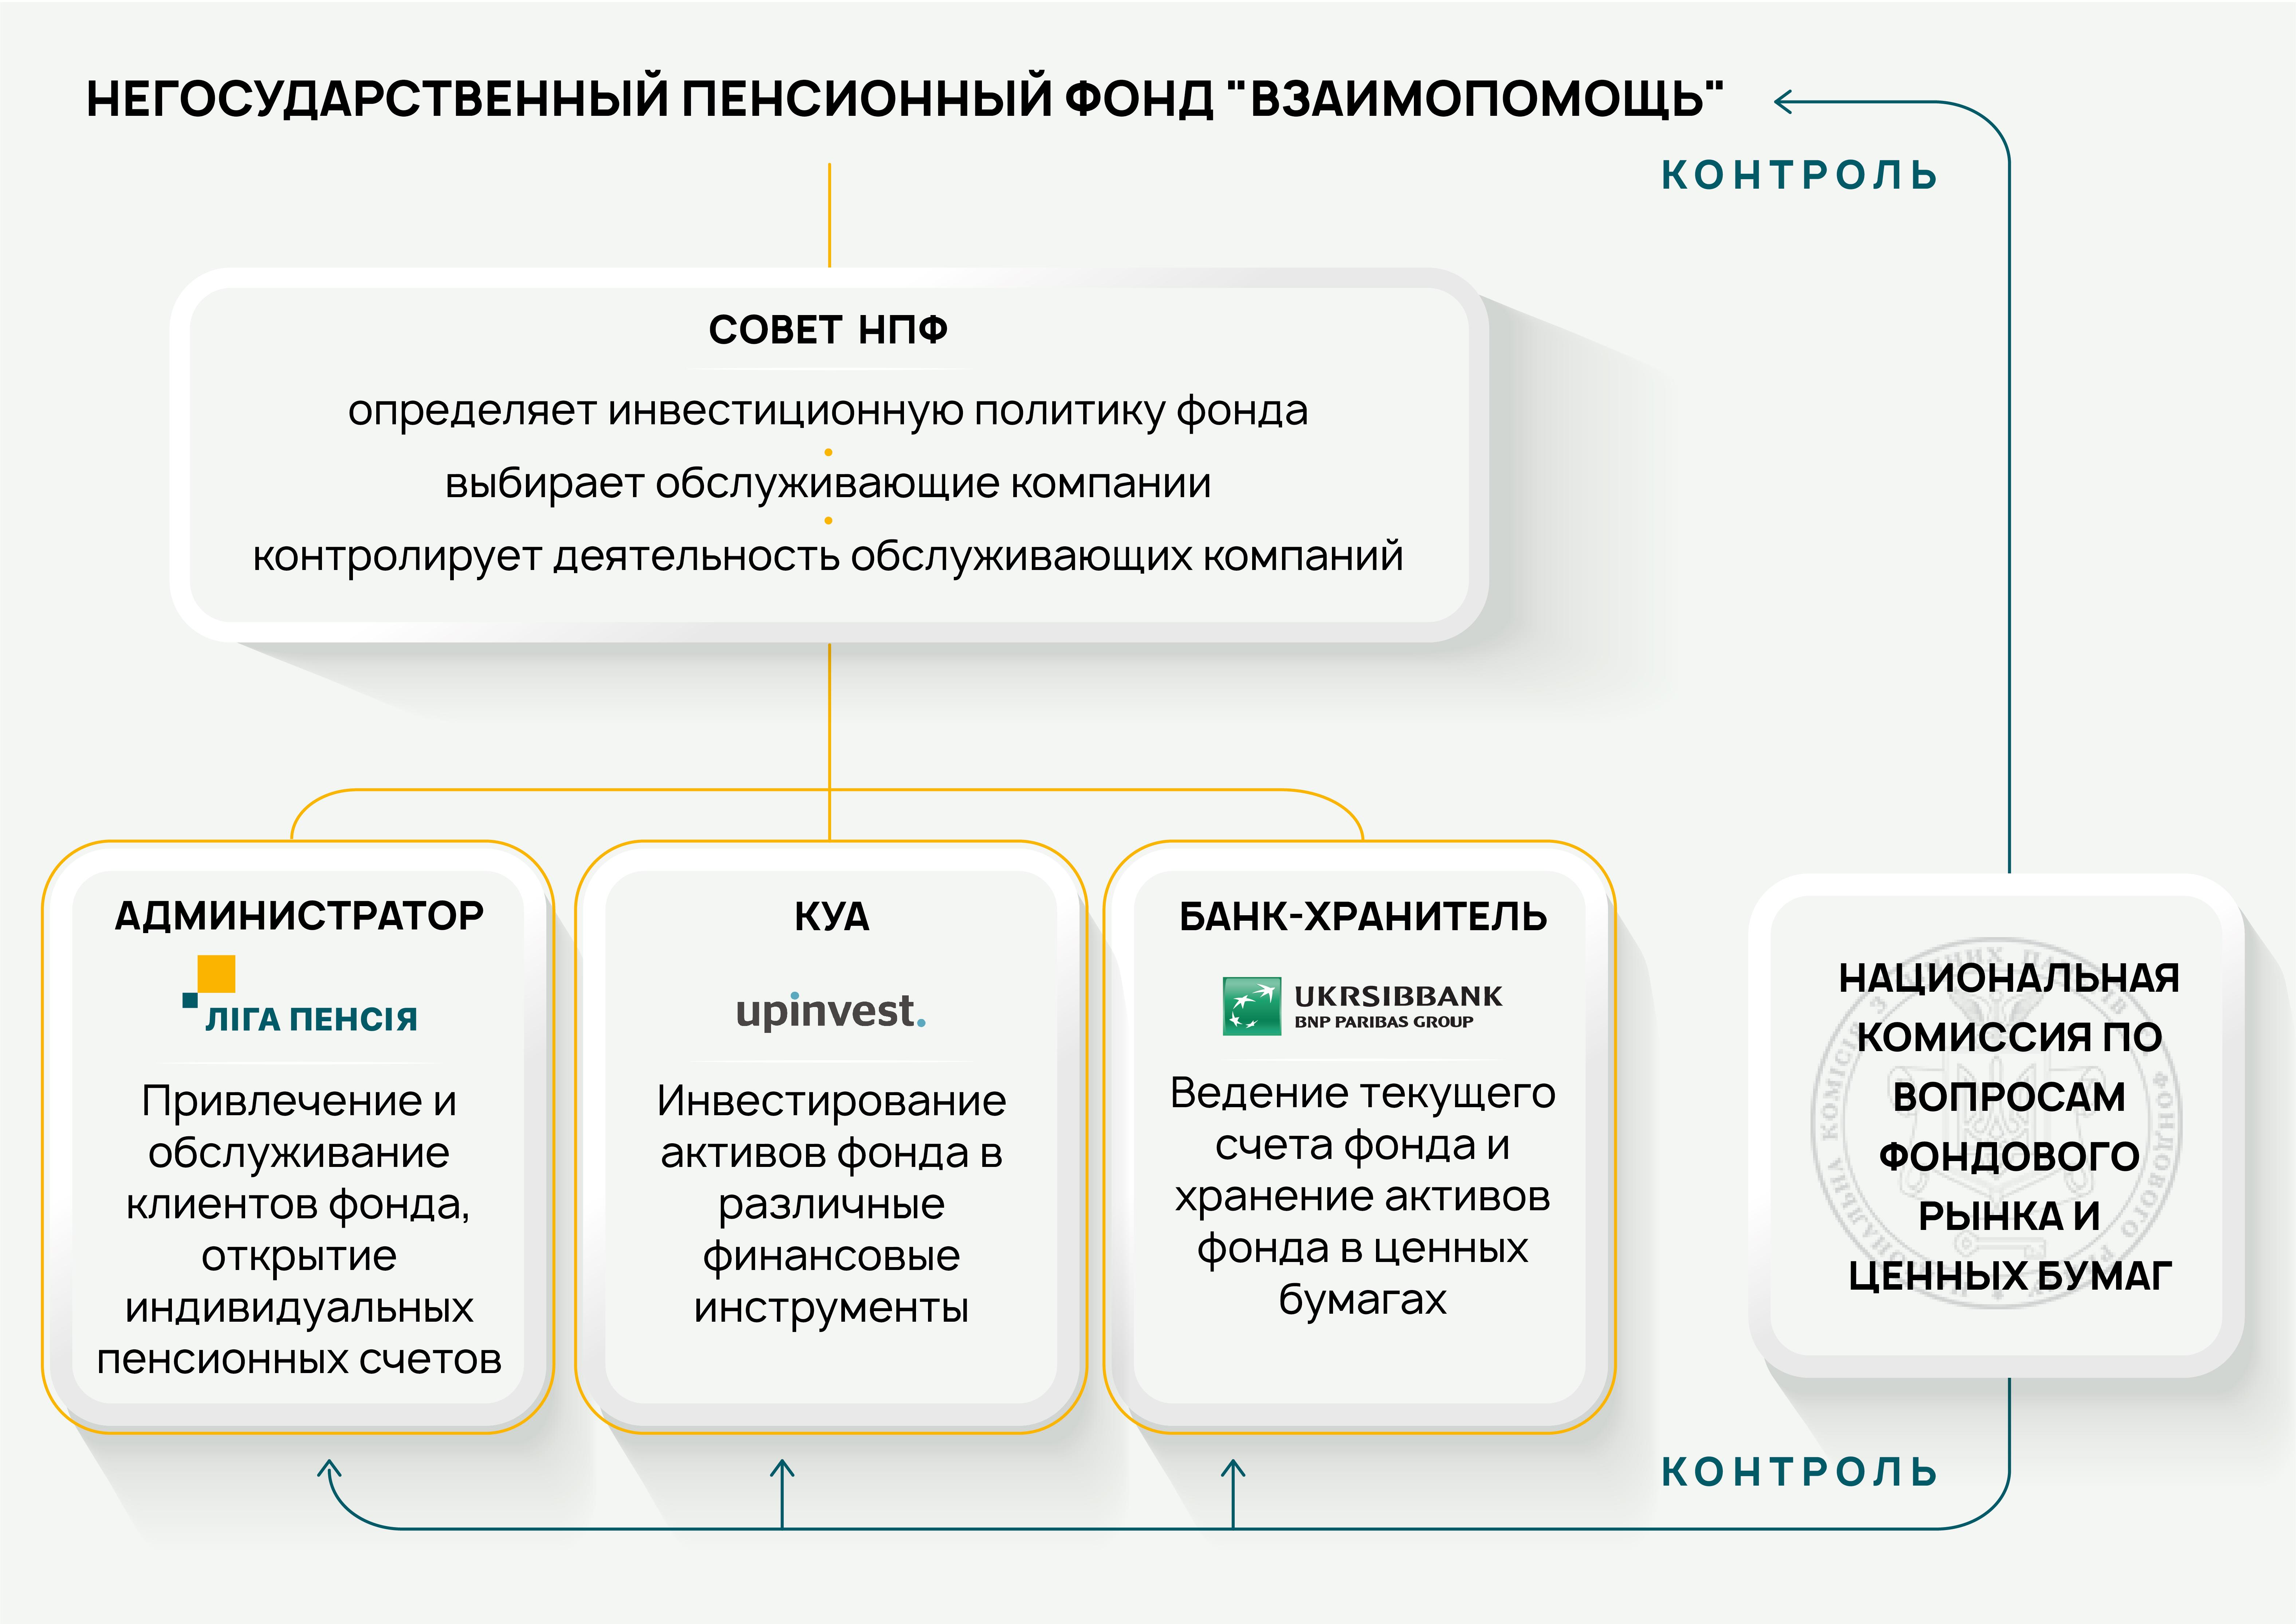 НПФ – надежнее депозита. CEO ГК ЛИГА Дмитрий Бондаренко о рынке накопительных пенсий